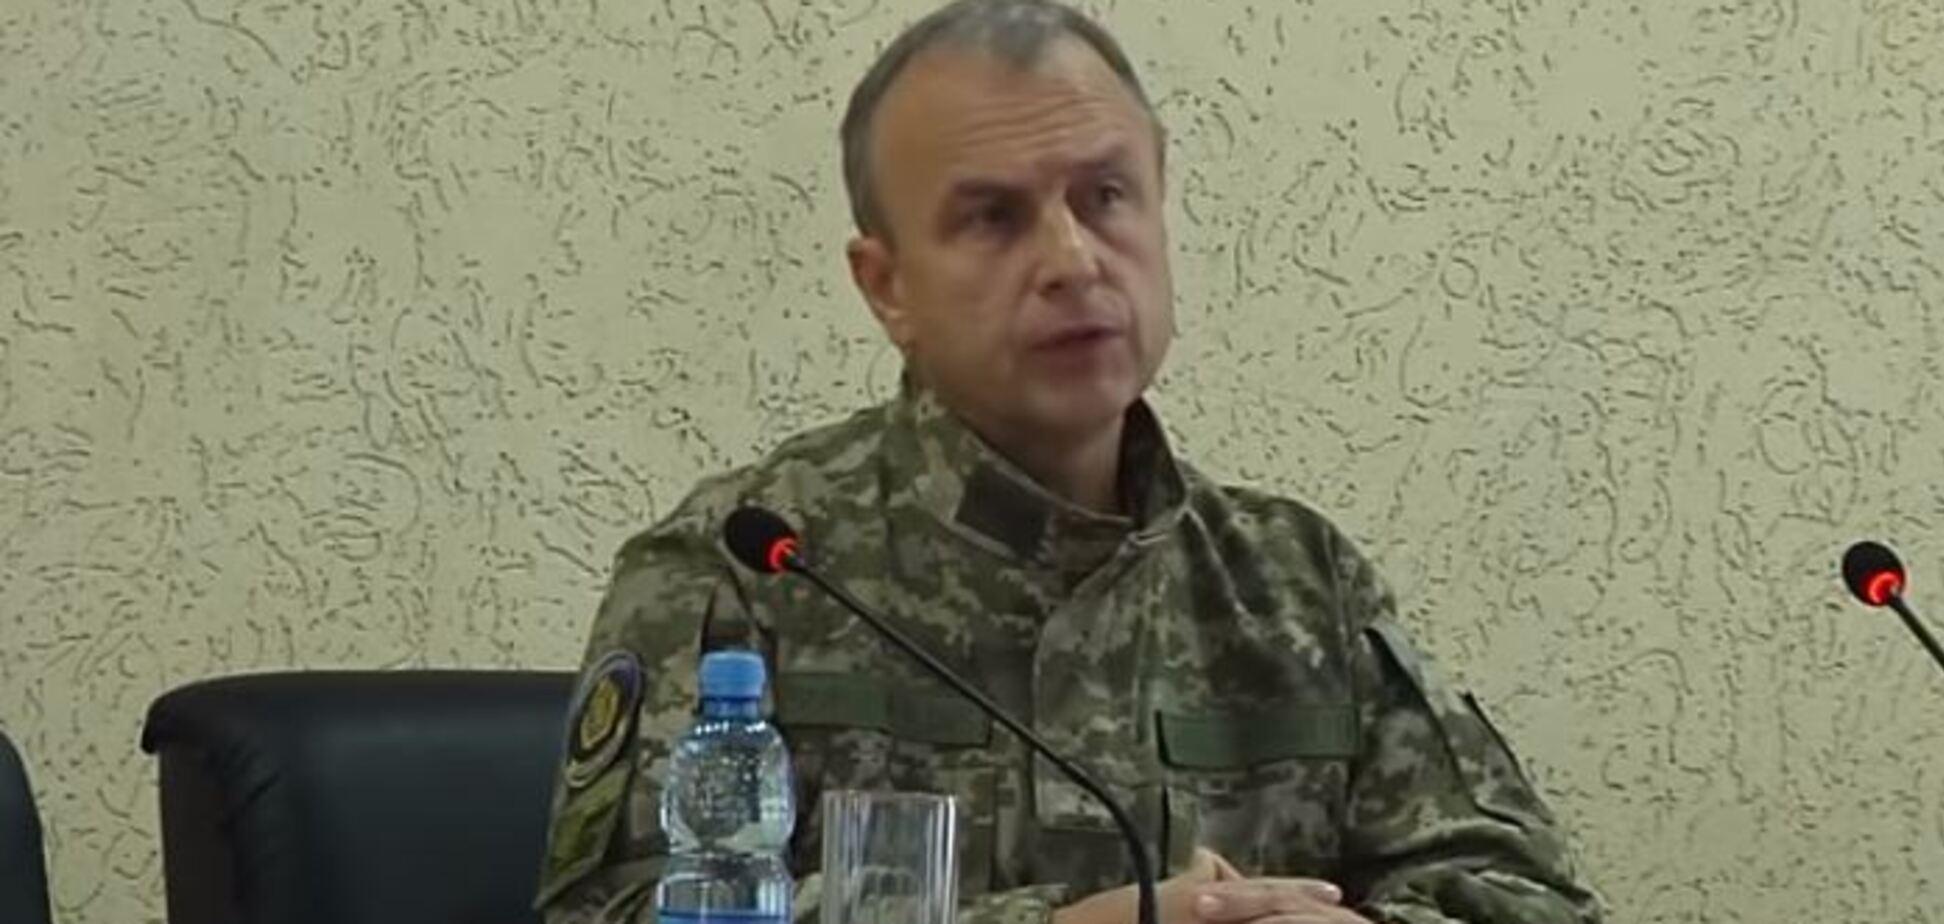 Воєнний стан в Україні: влада заговорила про перші конфіскації